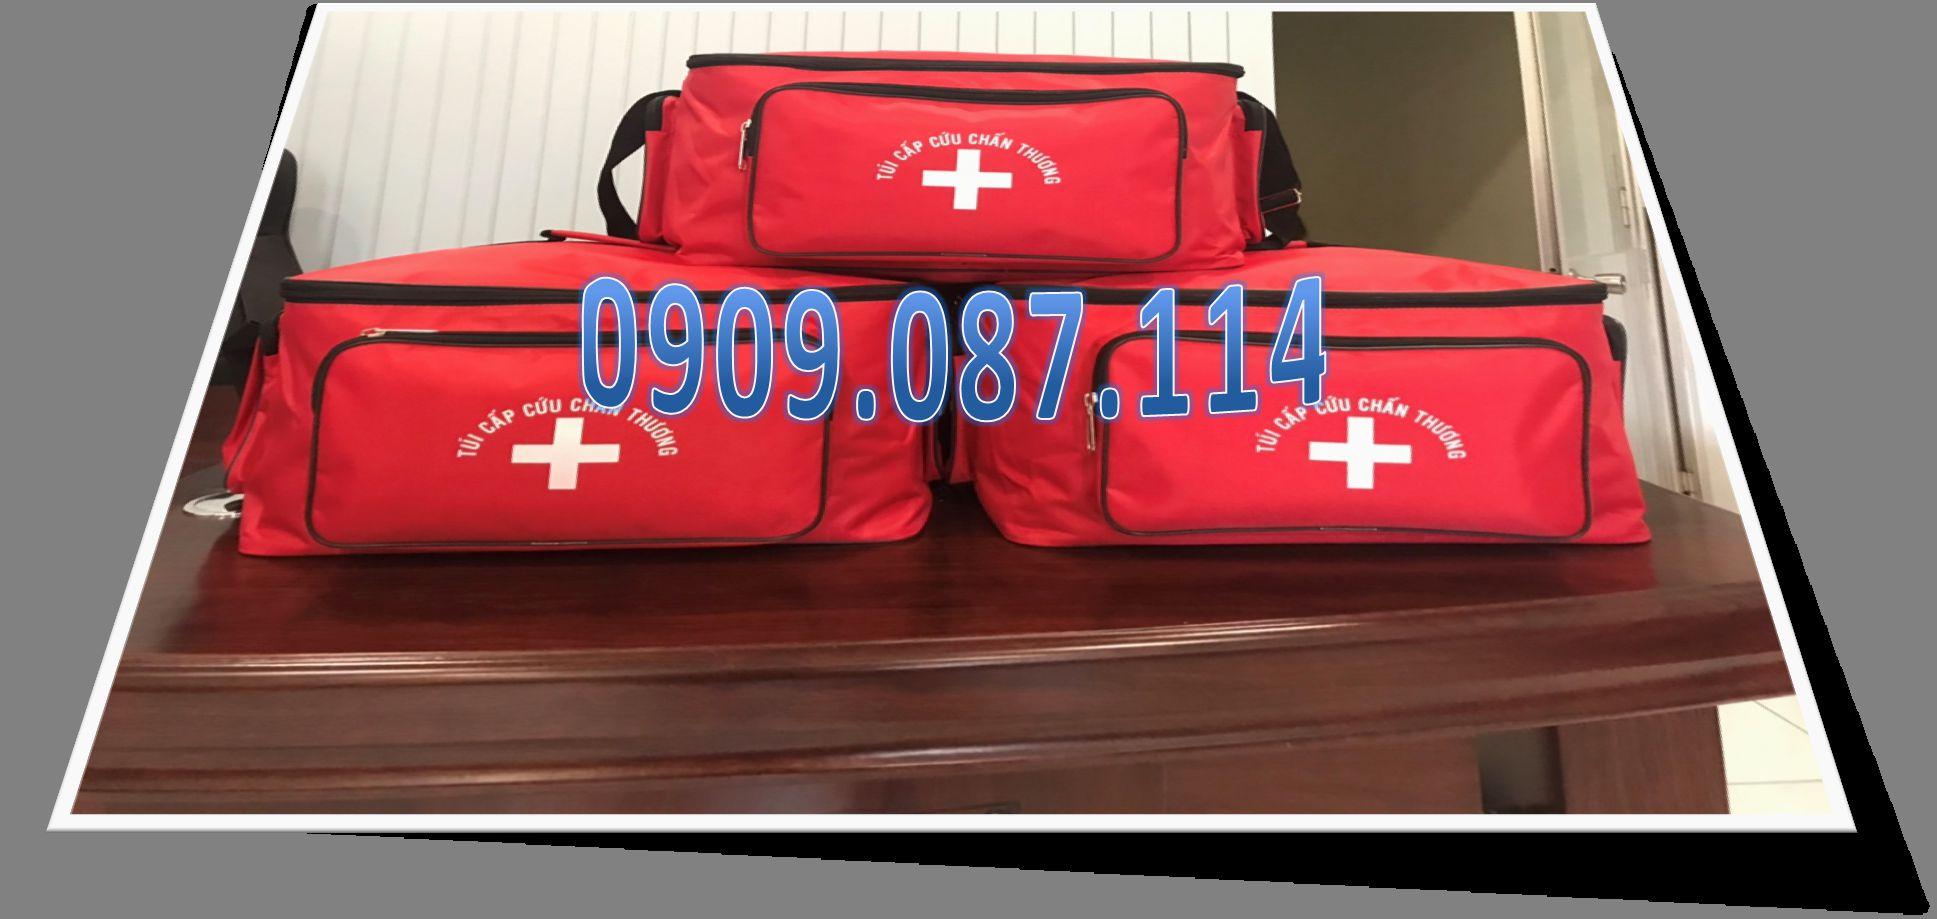 Tủ thuốc cấp cứu thông thường gồm có những danh mục gì?